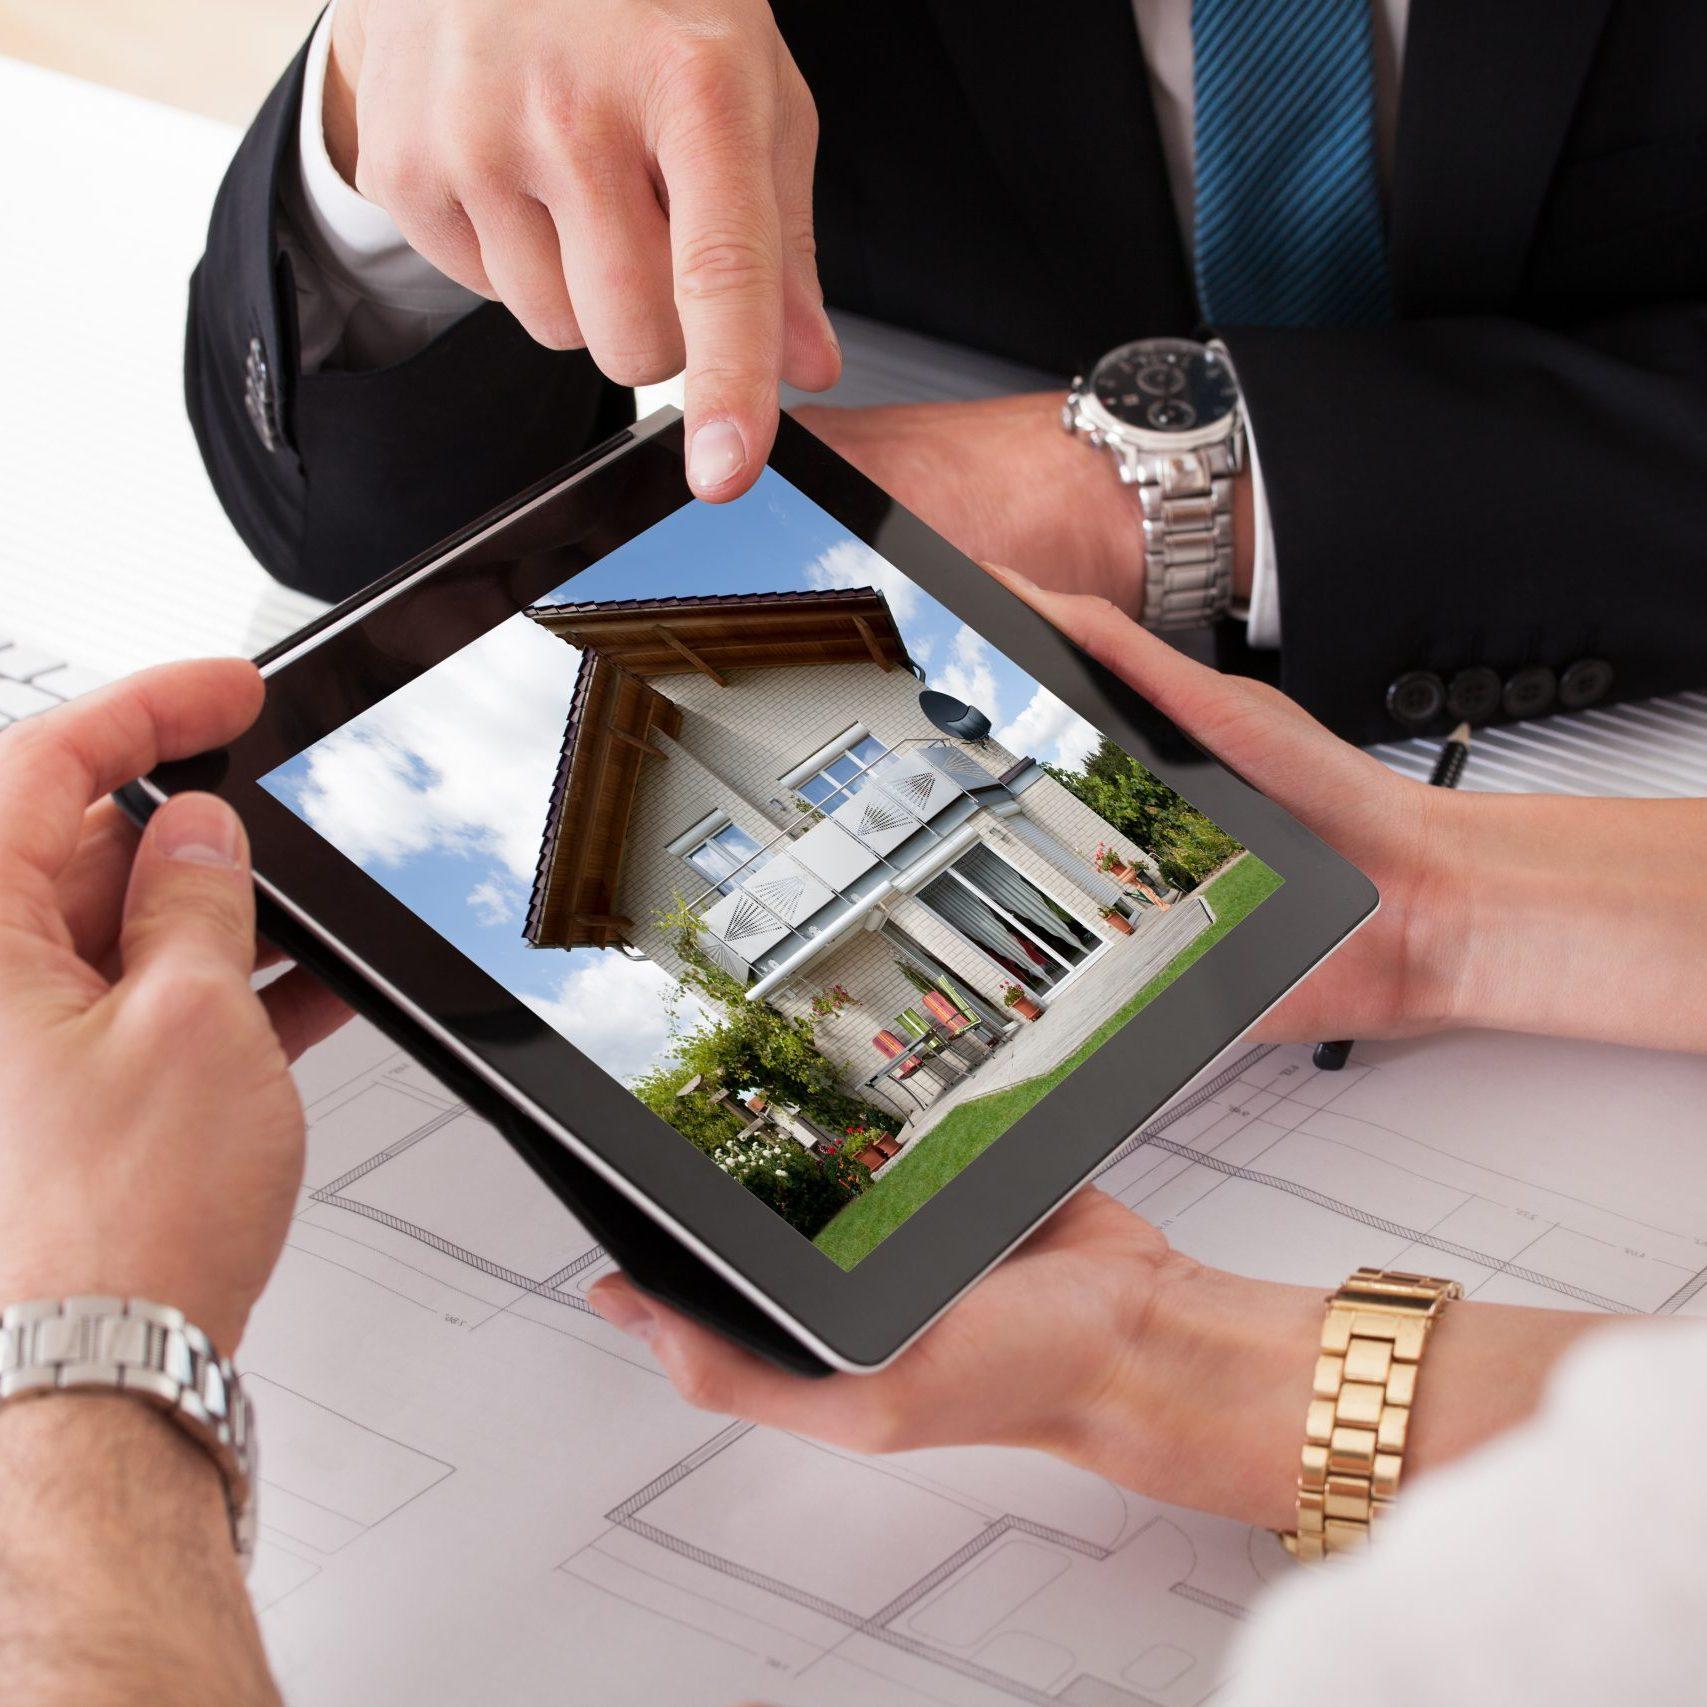 Diskrete Vermarktung bei Immobilienpassion